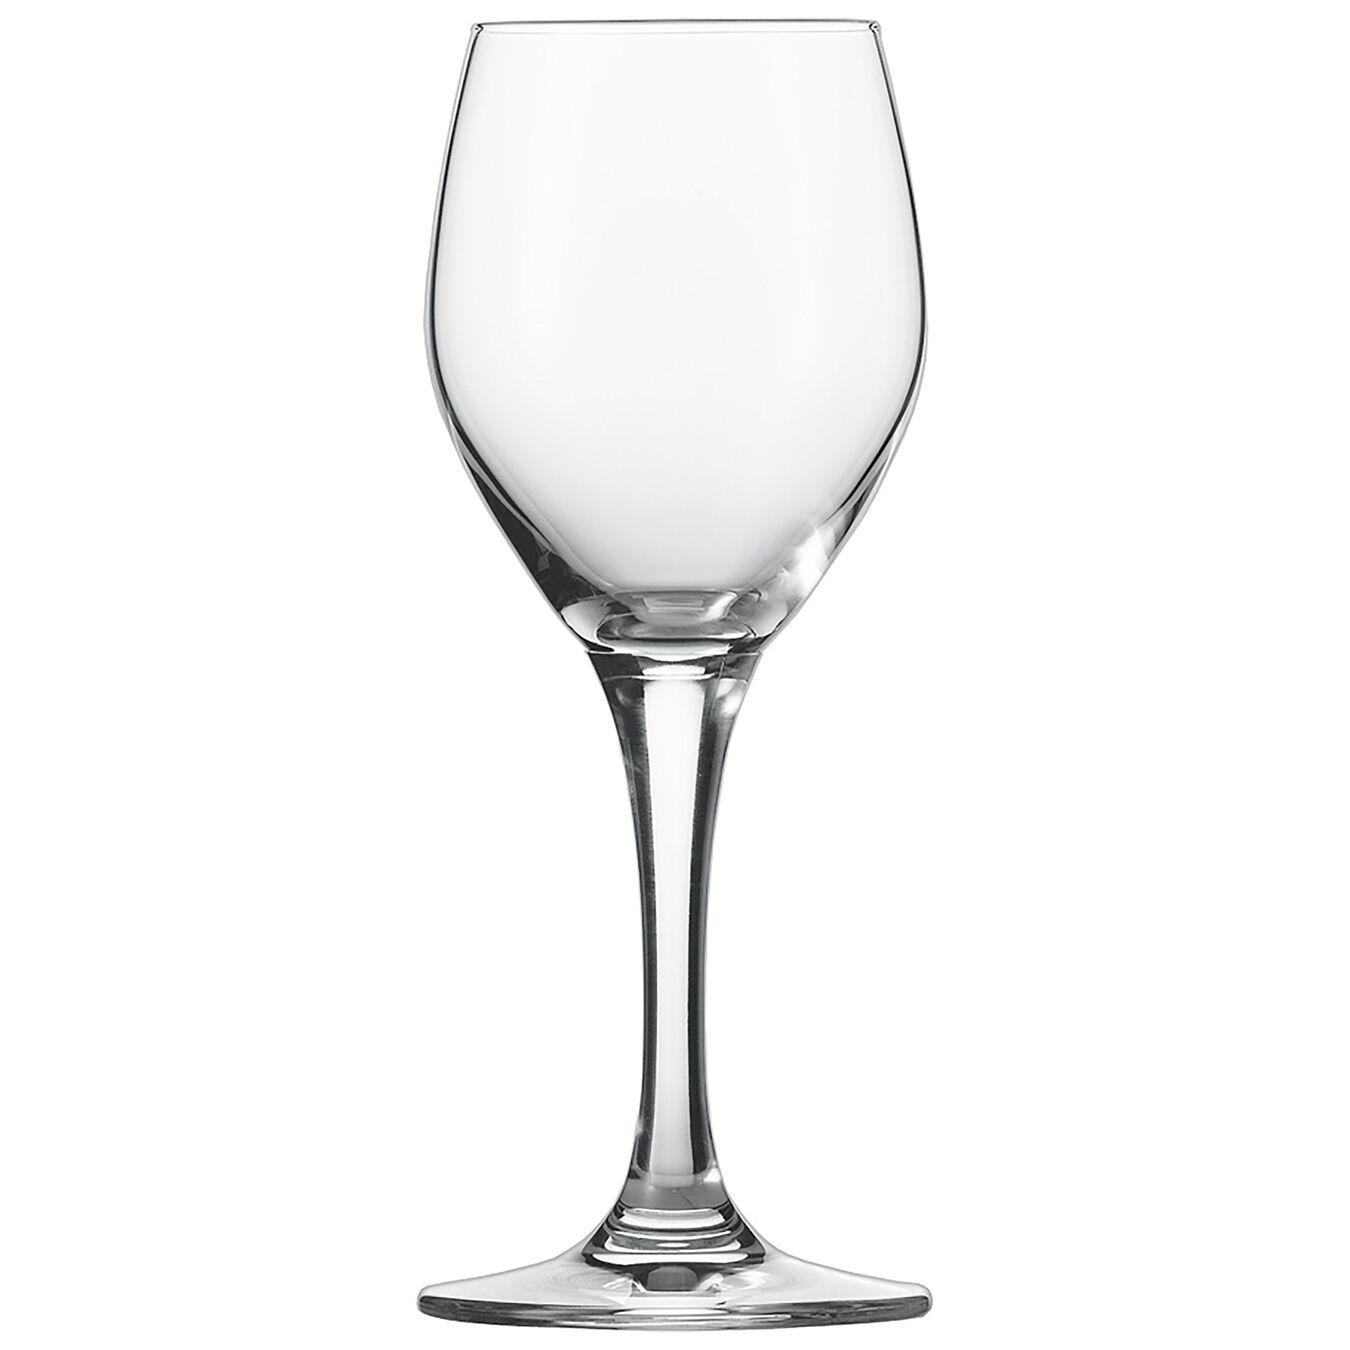 Beyaz Şarap Kadehi, 200 ml,,large 1